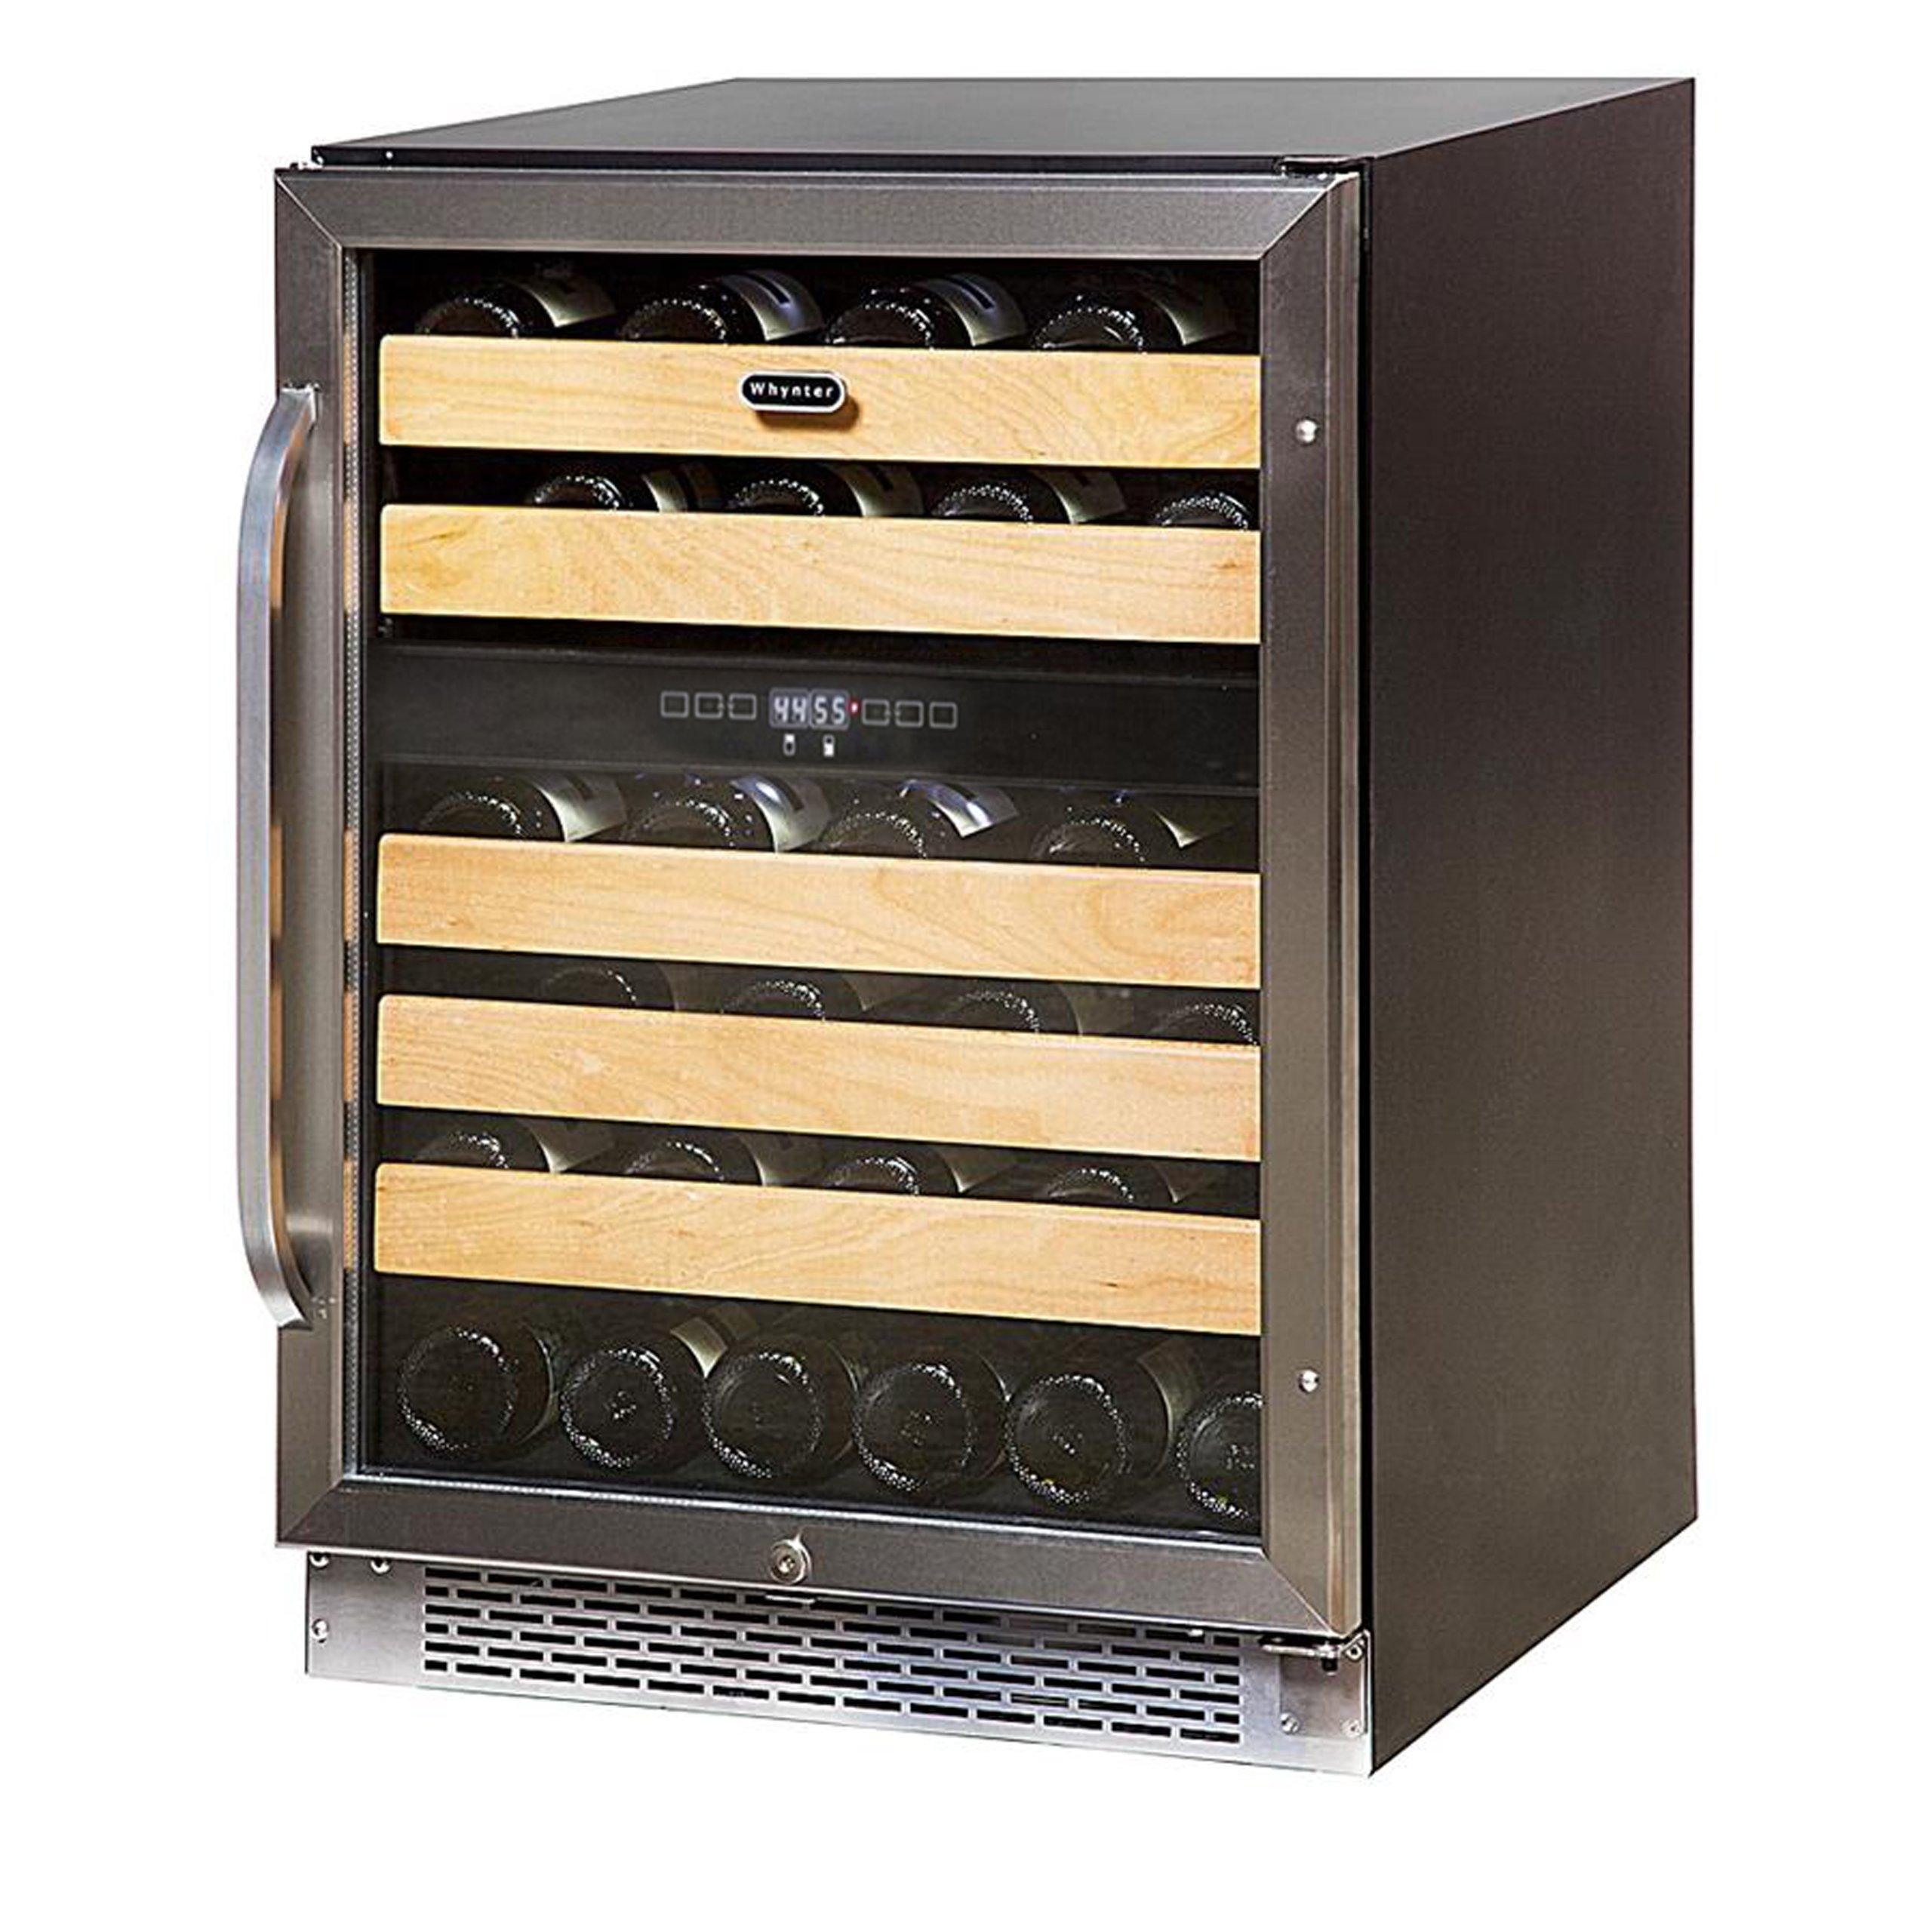 Whynter BWR-461DZ Dual Zone Built-In Wine Refrigerator, 46-Bottle